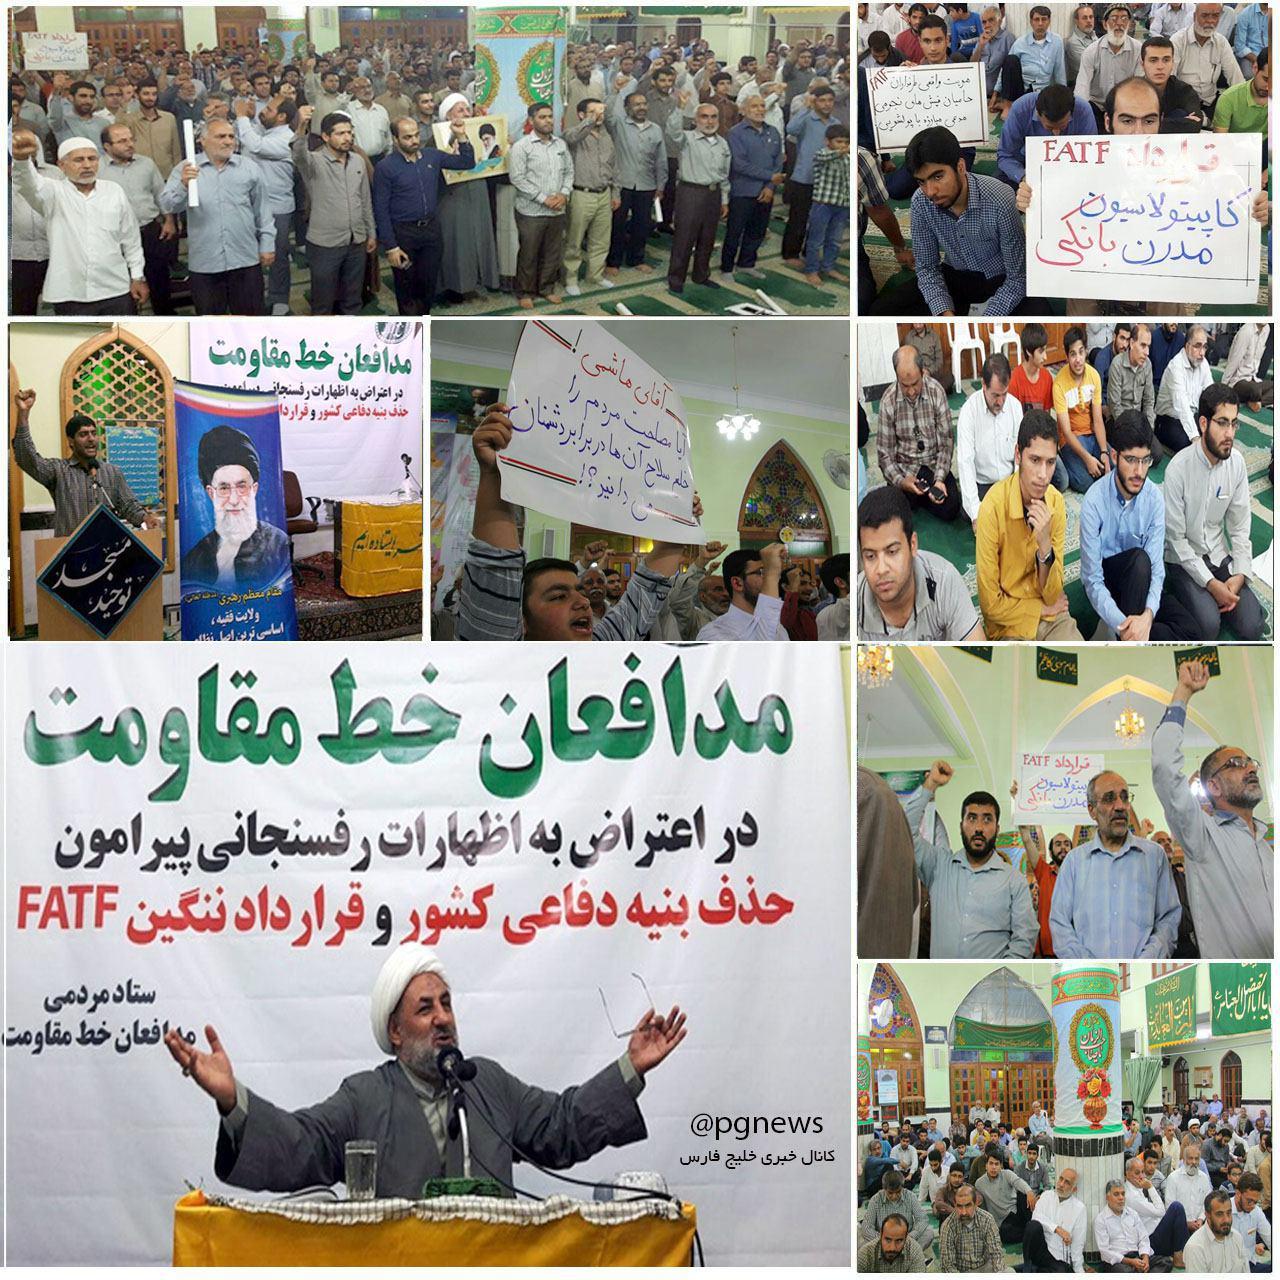 سخنرانی مدیرکل اوقاف بوشهر در تجمع علیه هاشمی (+عکس)